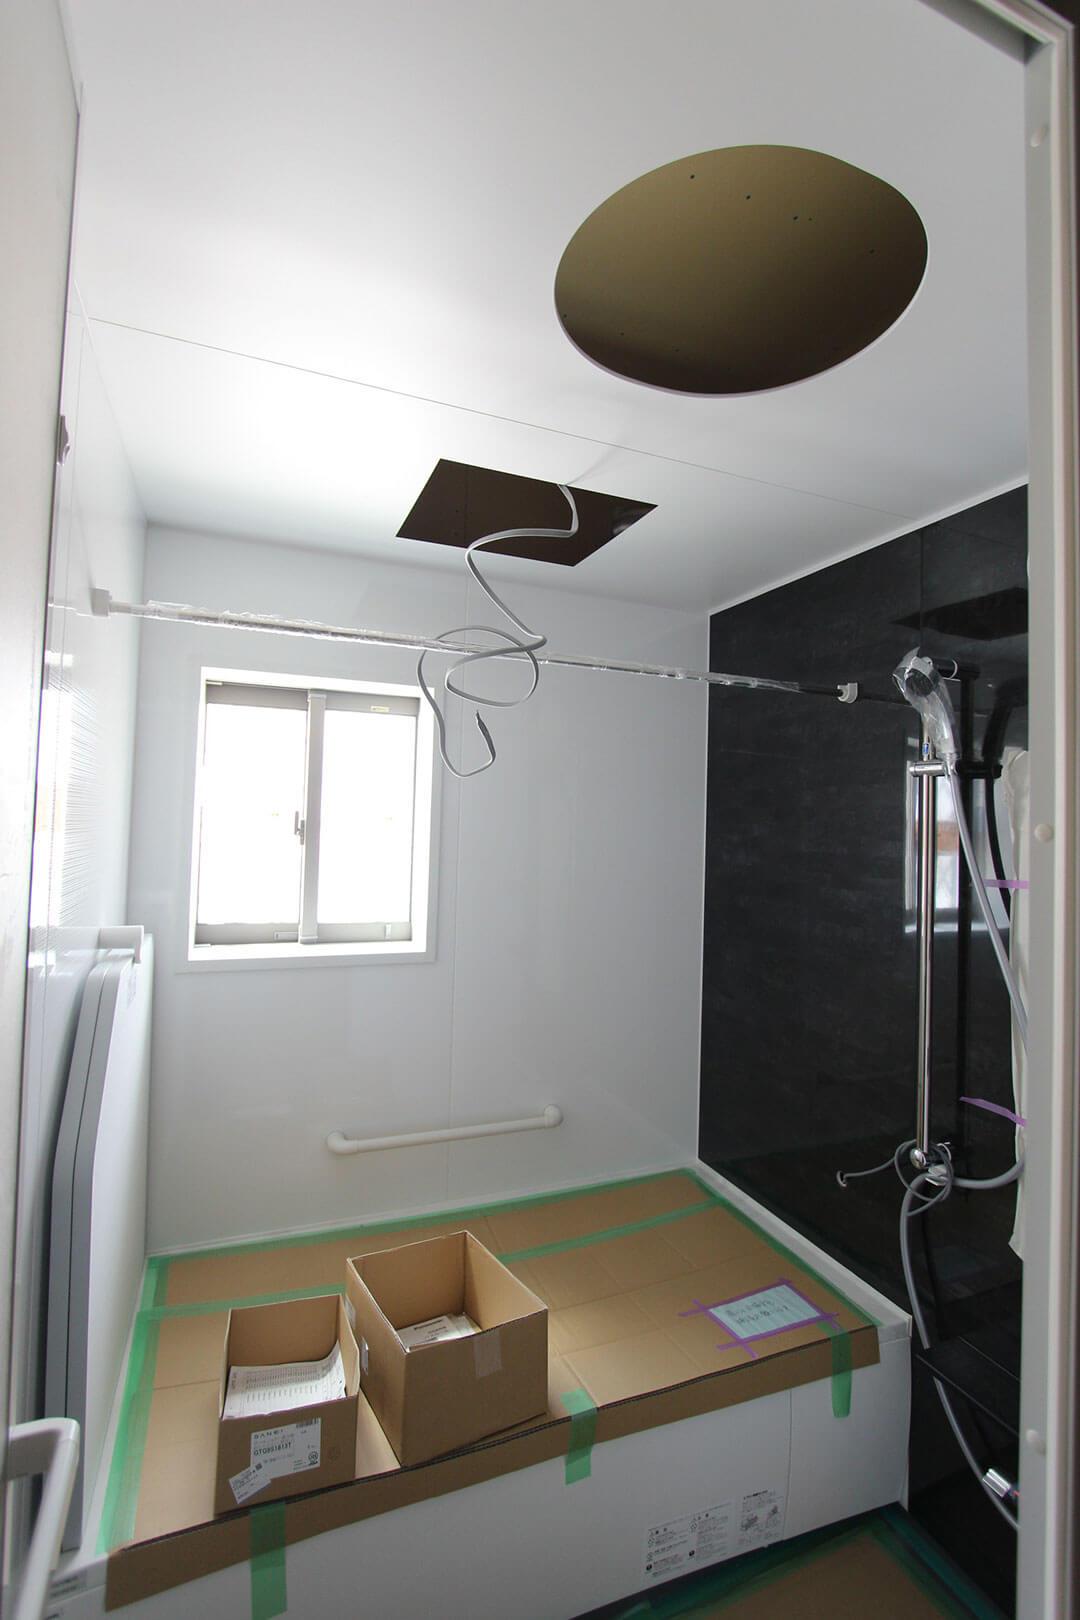 グランステージくずはⅢ 浴室の写真